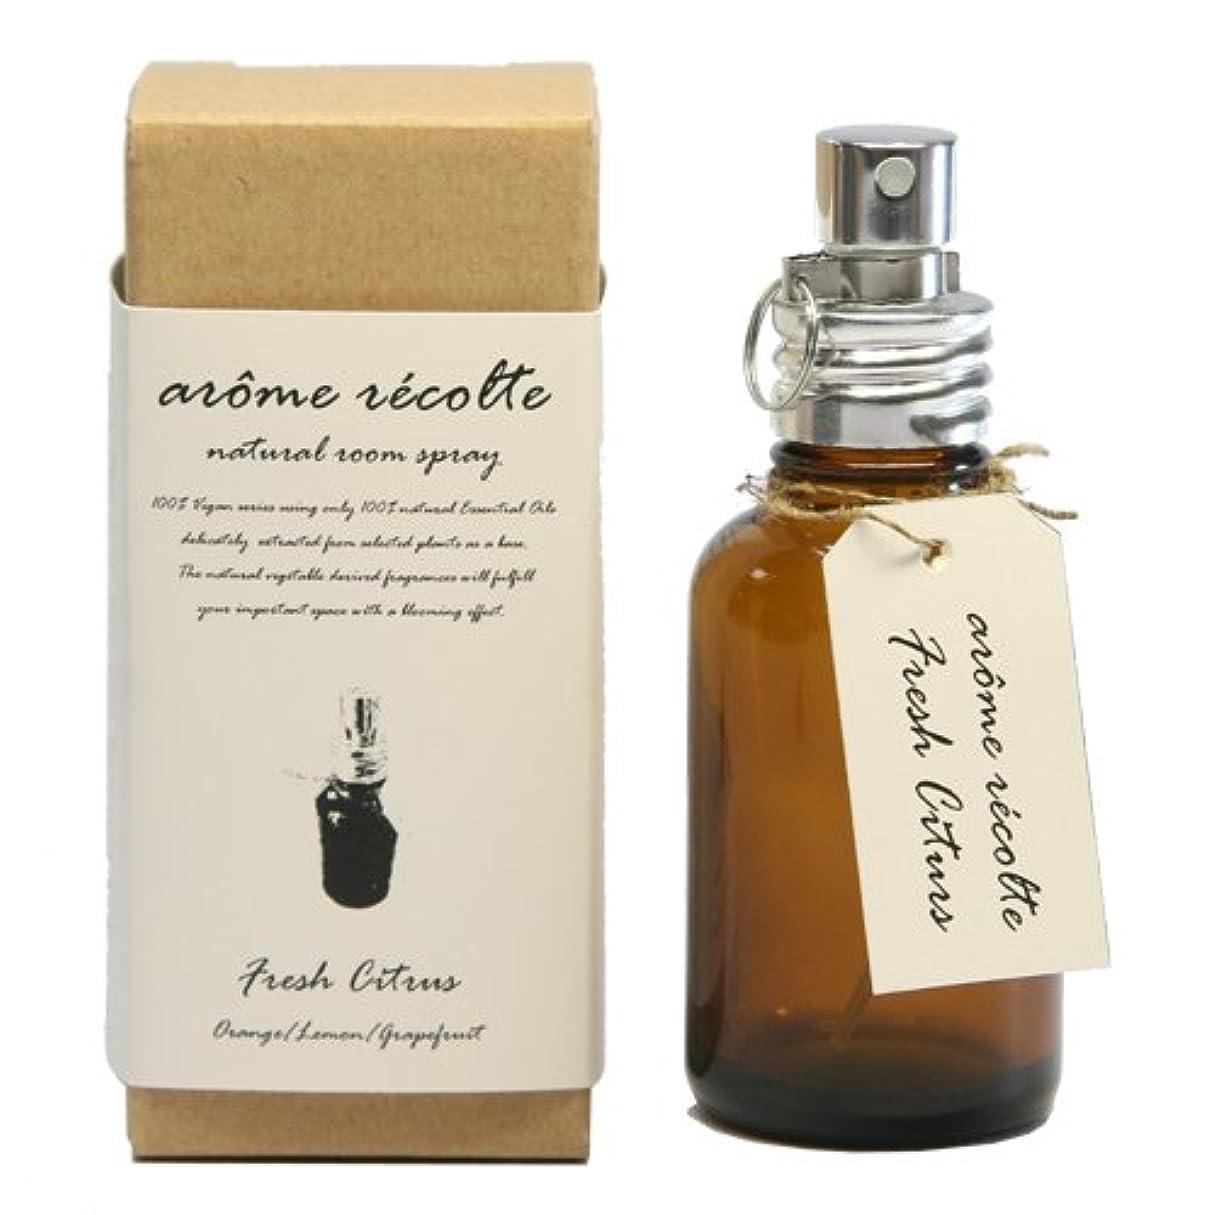 利用可能孤独な言語アロマレコルト ナチュラルルームスプレー  フレッシュシトラス【Fresh Citurs】 arome rcolte